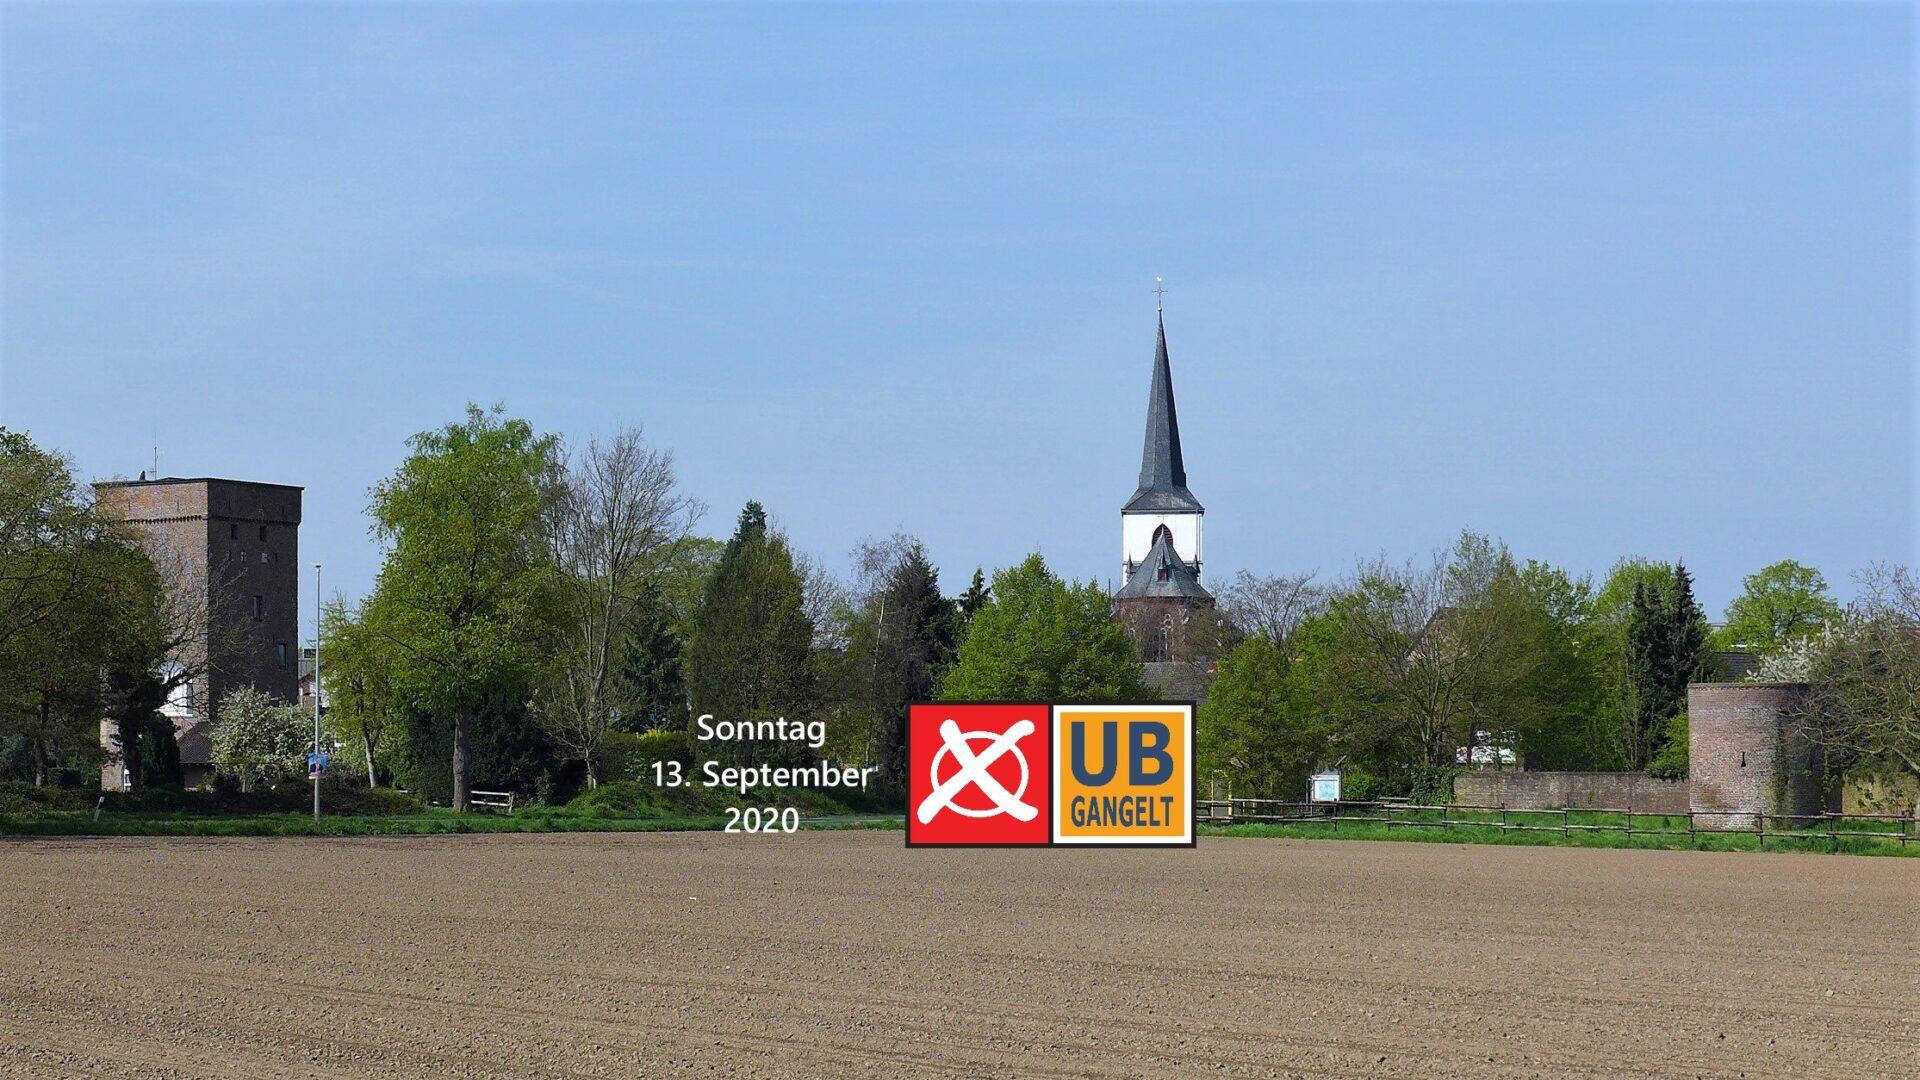 UB Gangelt